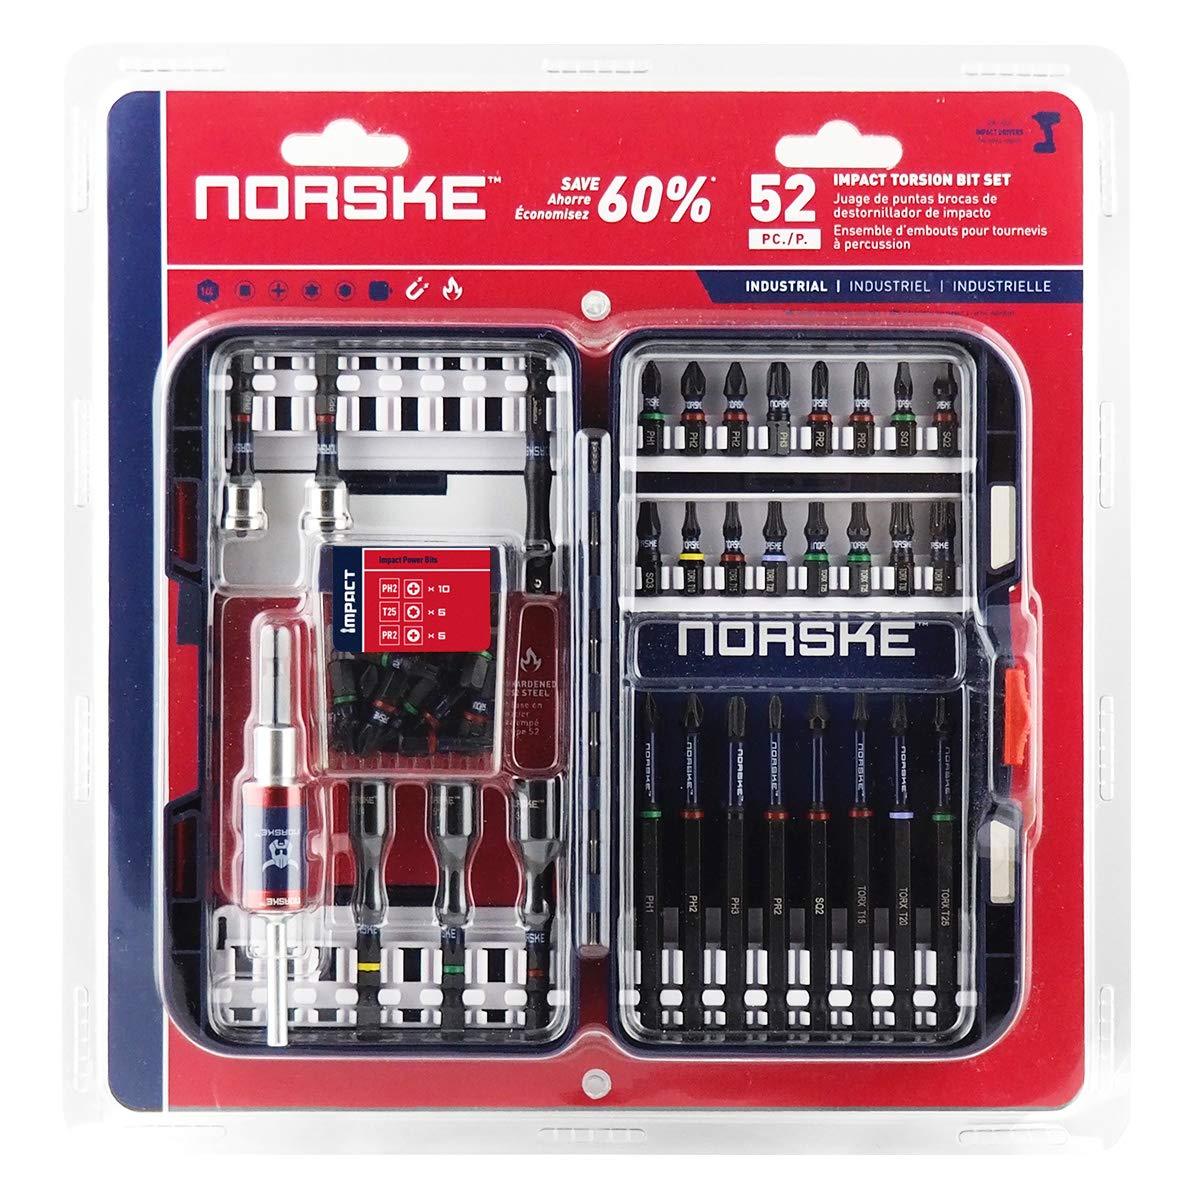 Norske Tools NIBPI707 52-Piece Impact Torsion Bit Set